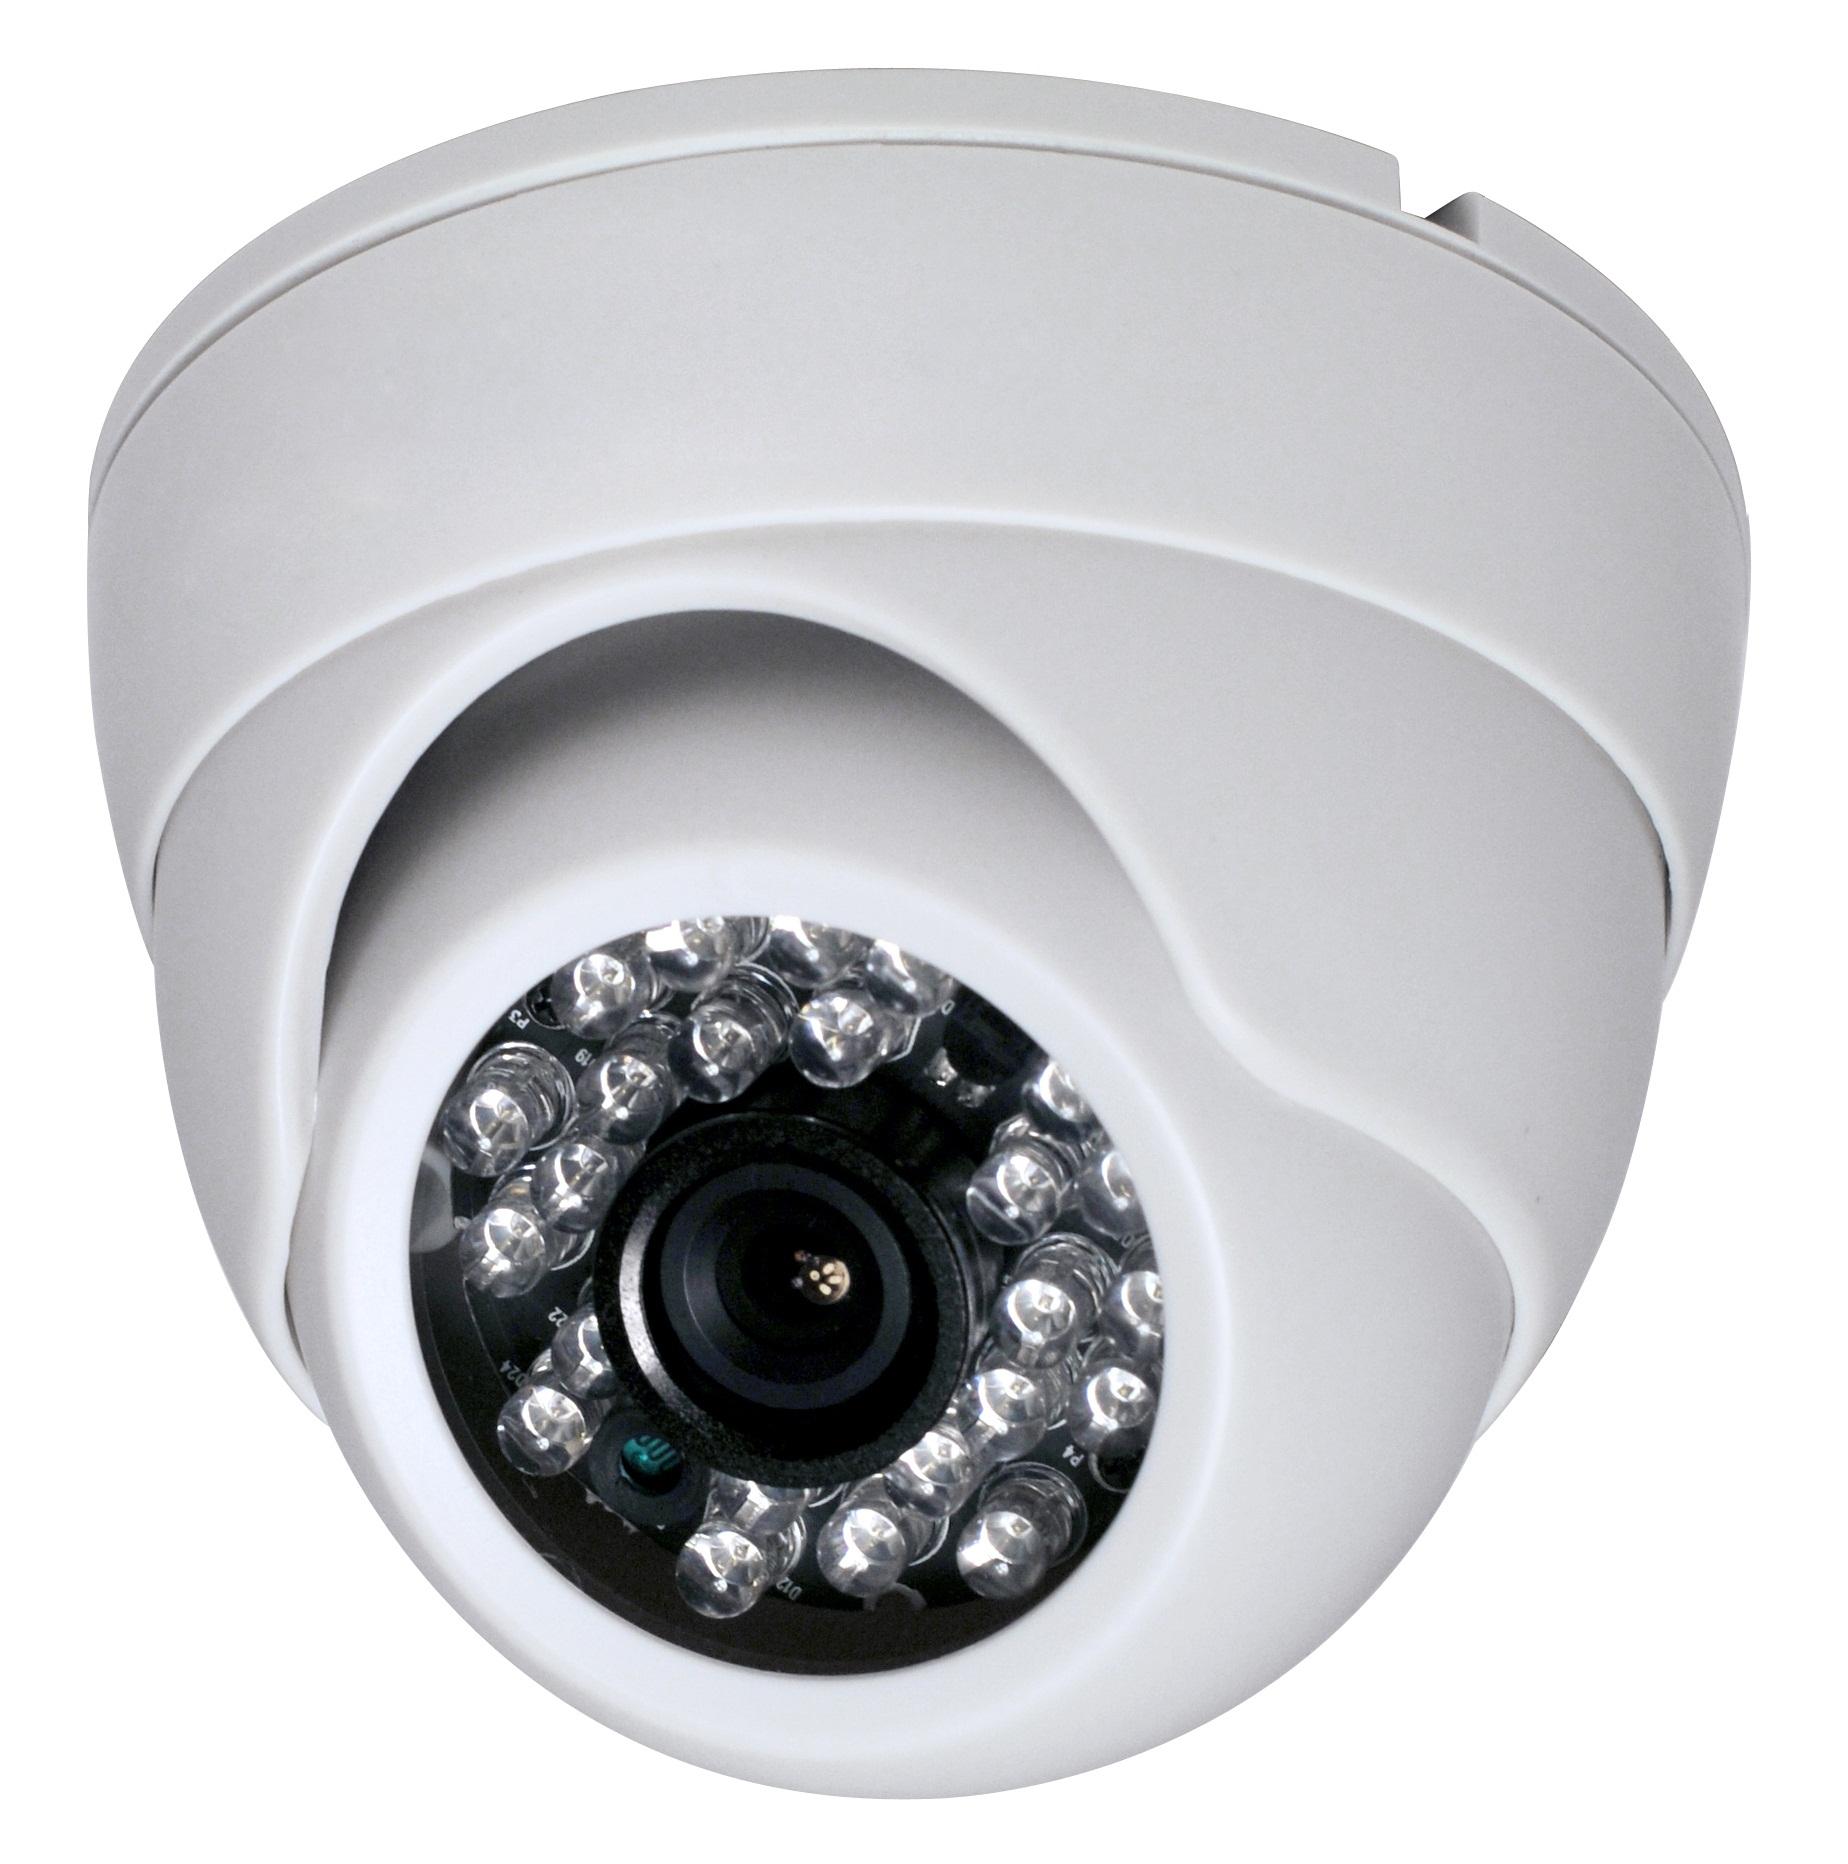 Dome clipart cctv camera #10